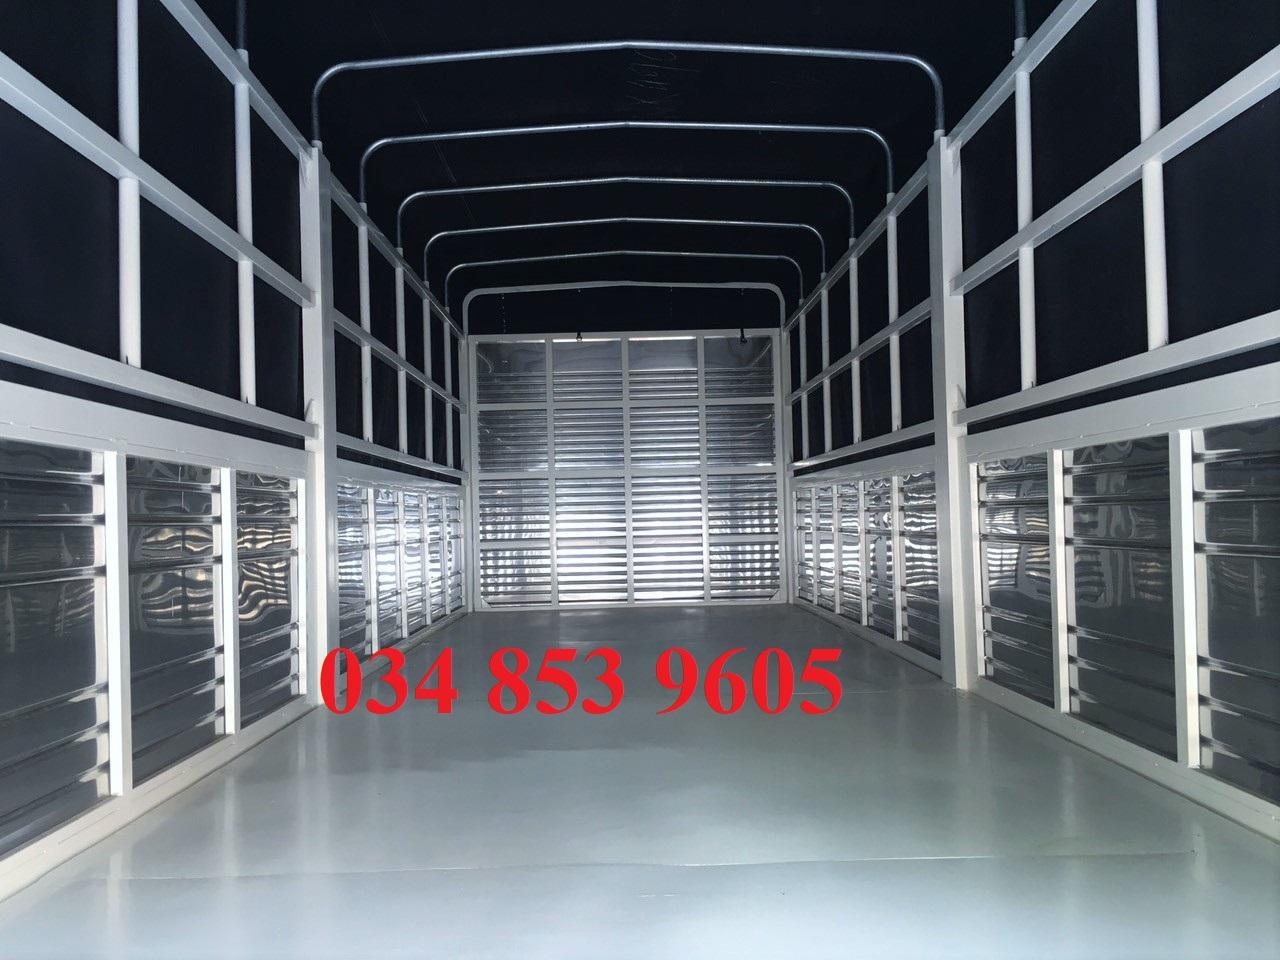 xe tải isuzu 1 tấn 9 thung bạt 6m2 - lăn bánh 115tr có ngay xe - hỗ trợ trả góp 80 %